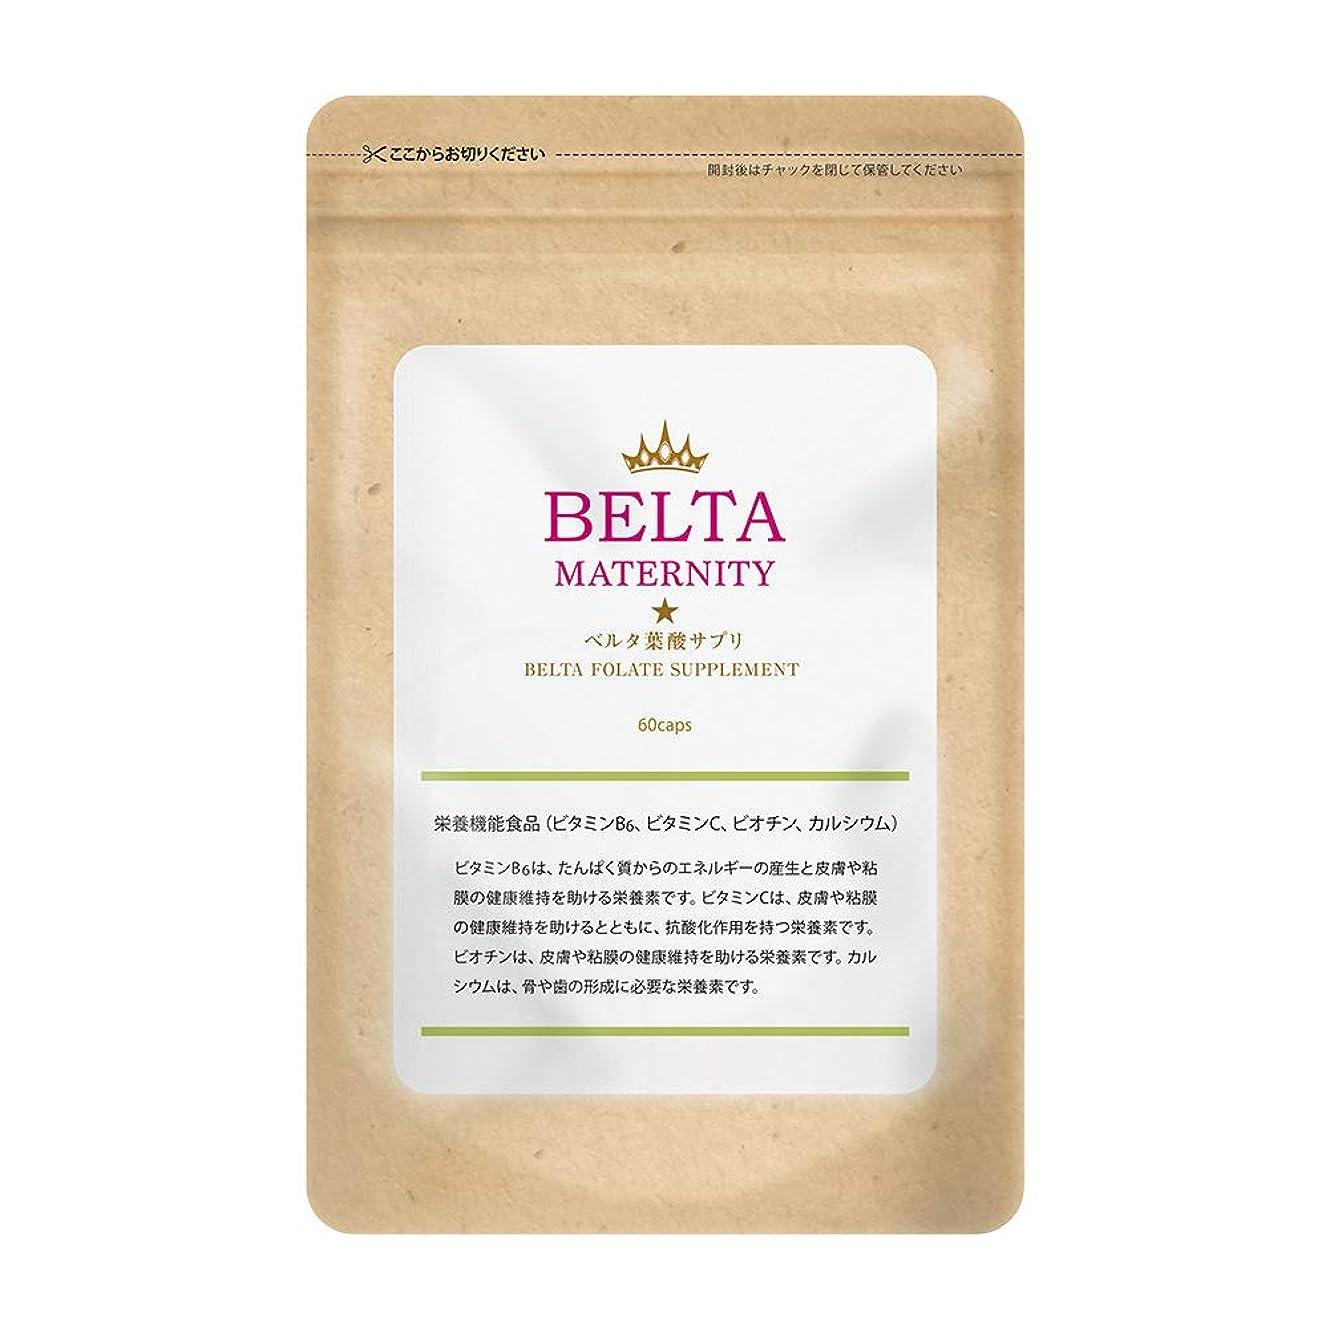 要求するセットアップモンスターBELTA ベルタ葉酸サプリ お試し60粒 (15日分) 葉酸 サプリ 妊娠 妊活 サプリメント 鉄 鉄分 カルシウム ビタミン ミネラル